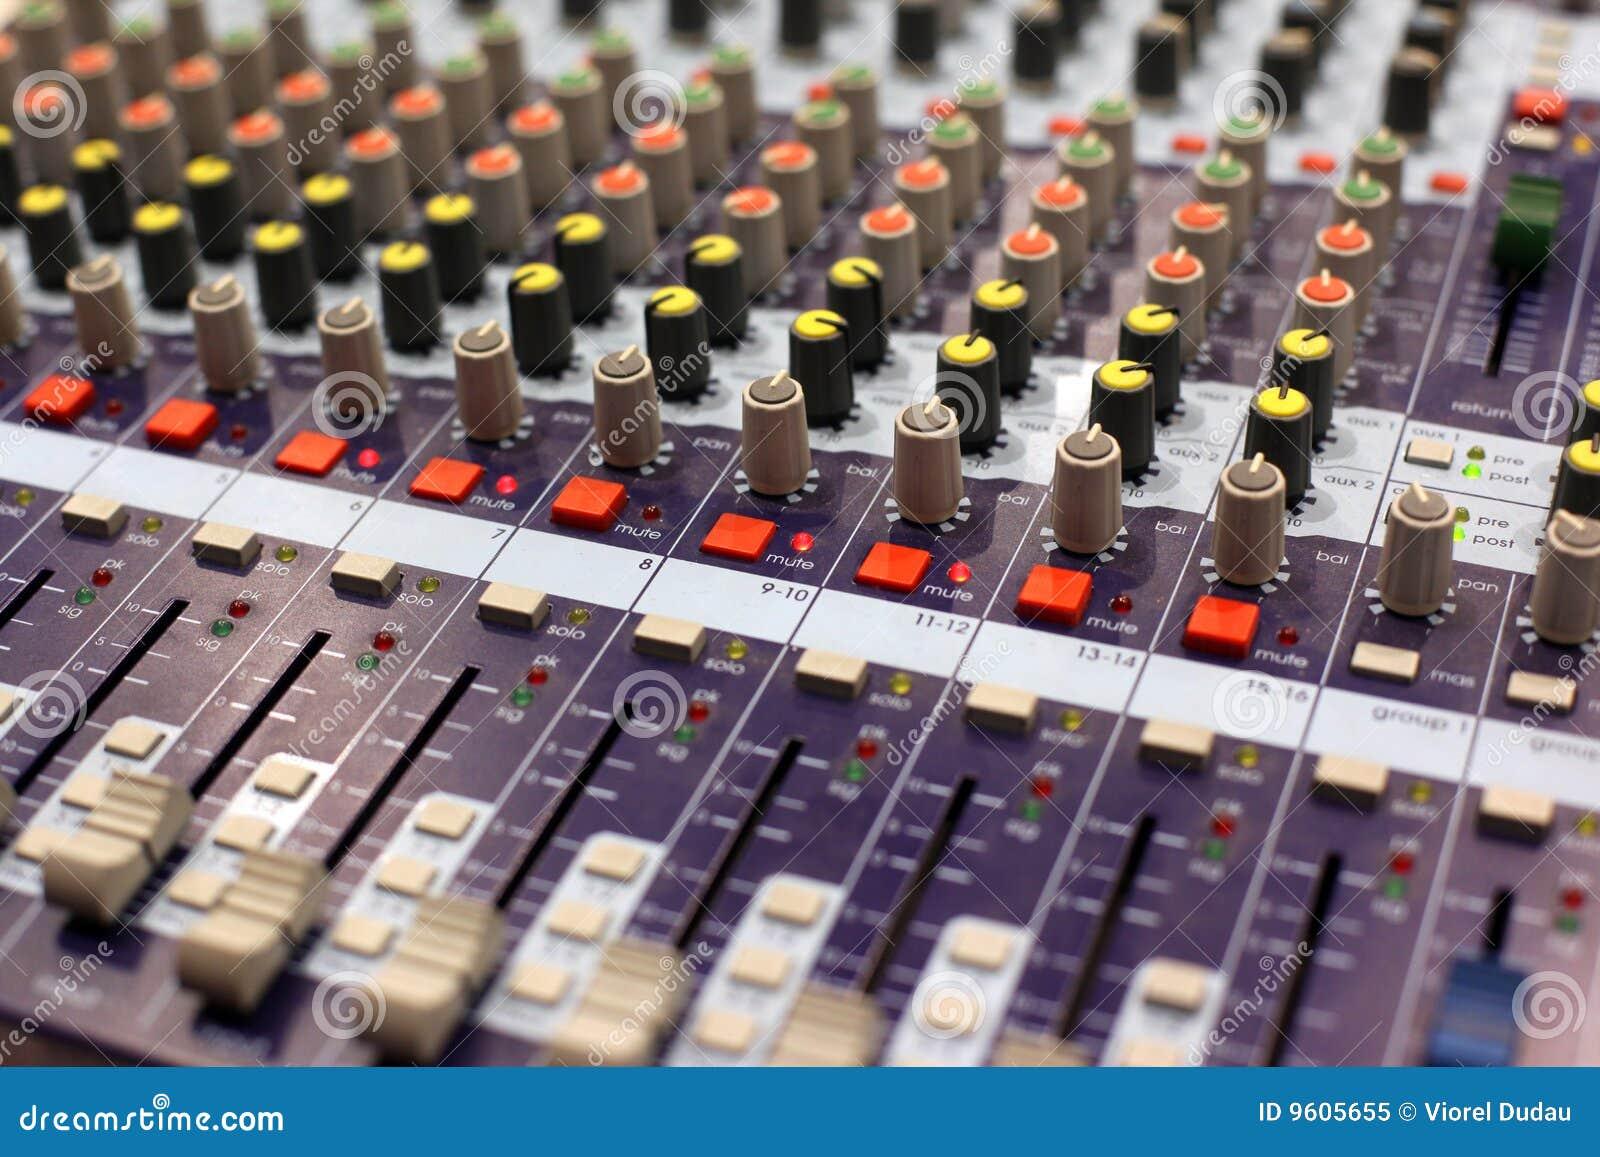 音频搅拌机工作室